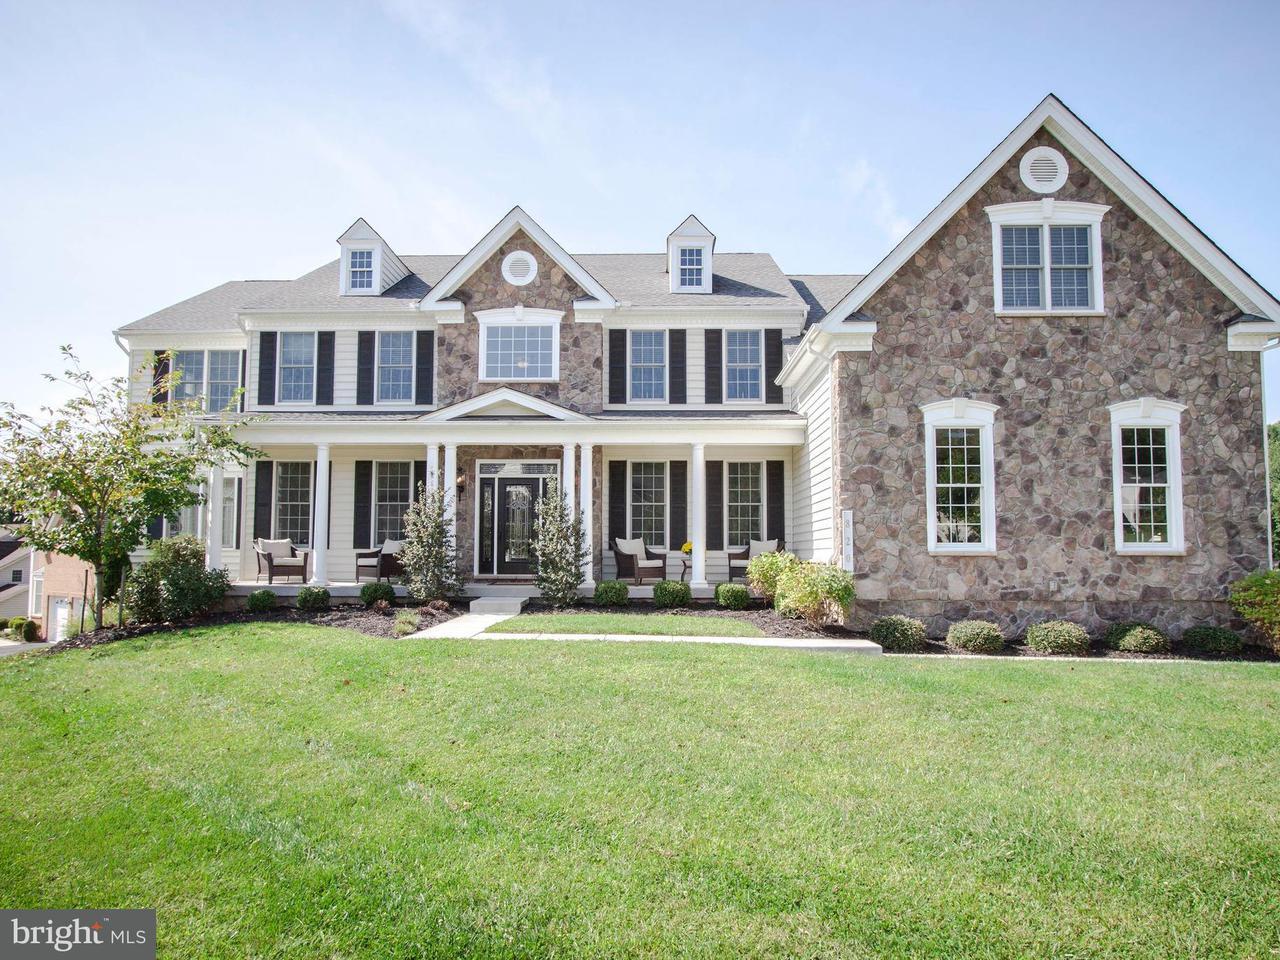 一戸建て のために 売買 アット 820 SAPLING Court 820 SAPLING Court Bel Air, メリーランド 21015 アメリカ合衆国